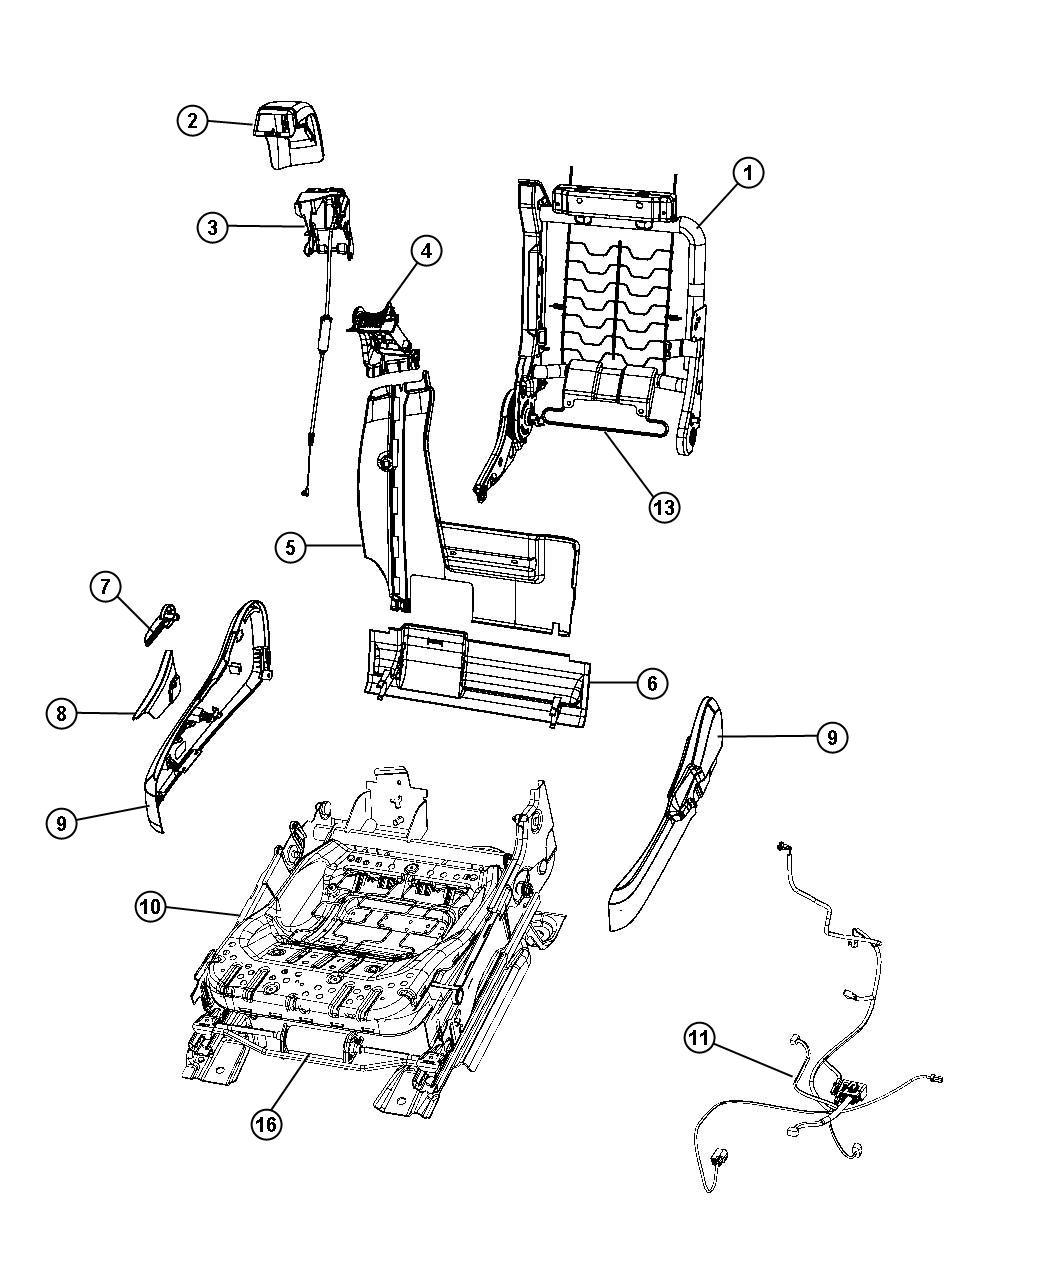 Chrysler Power Seat Wiring Diagrams